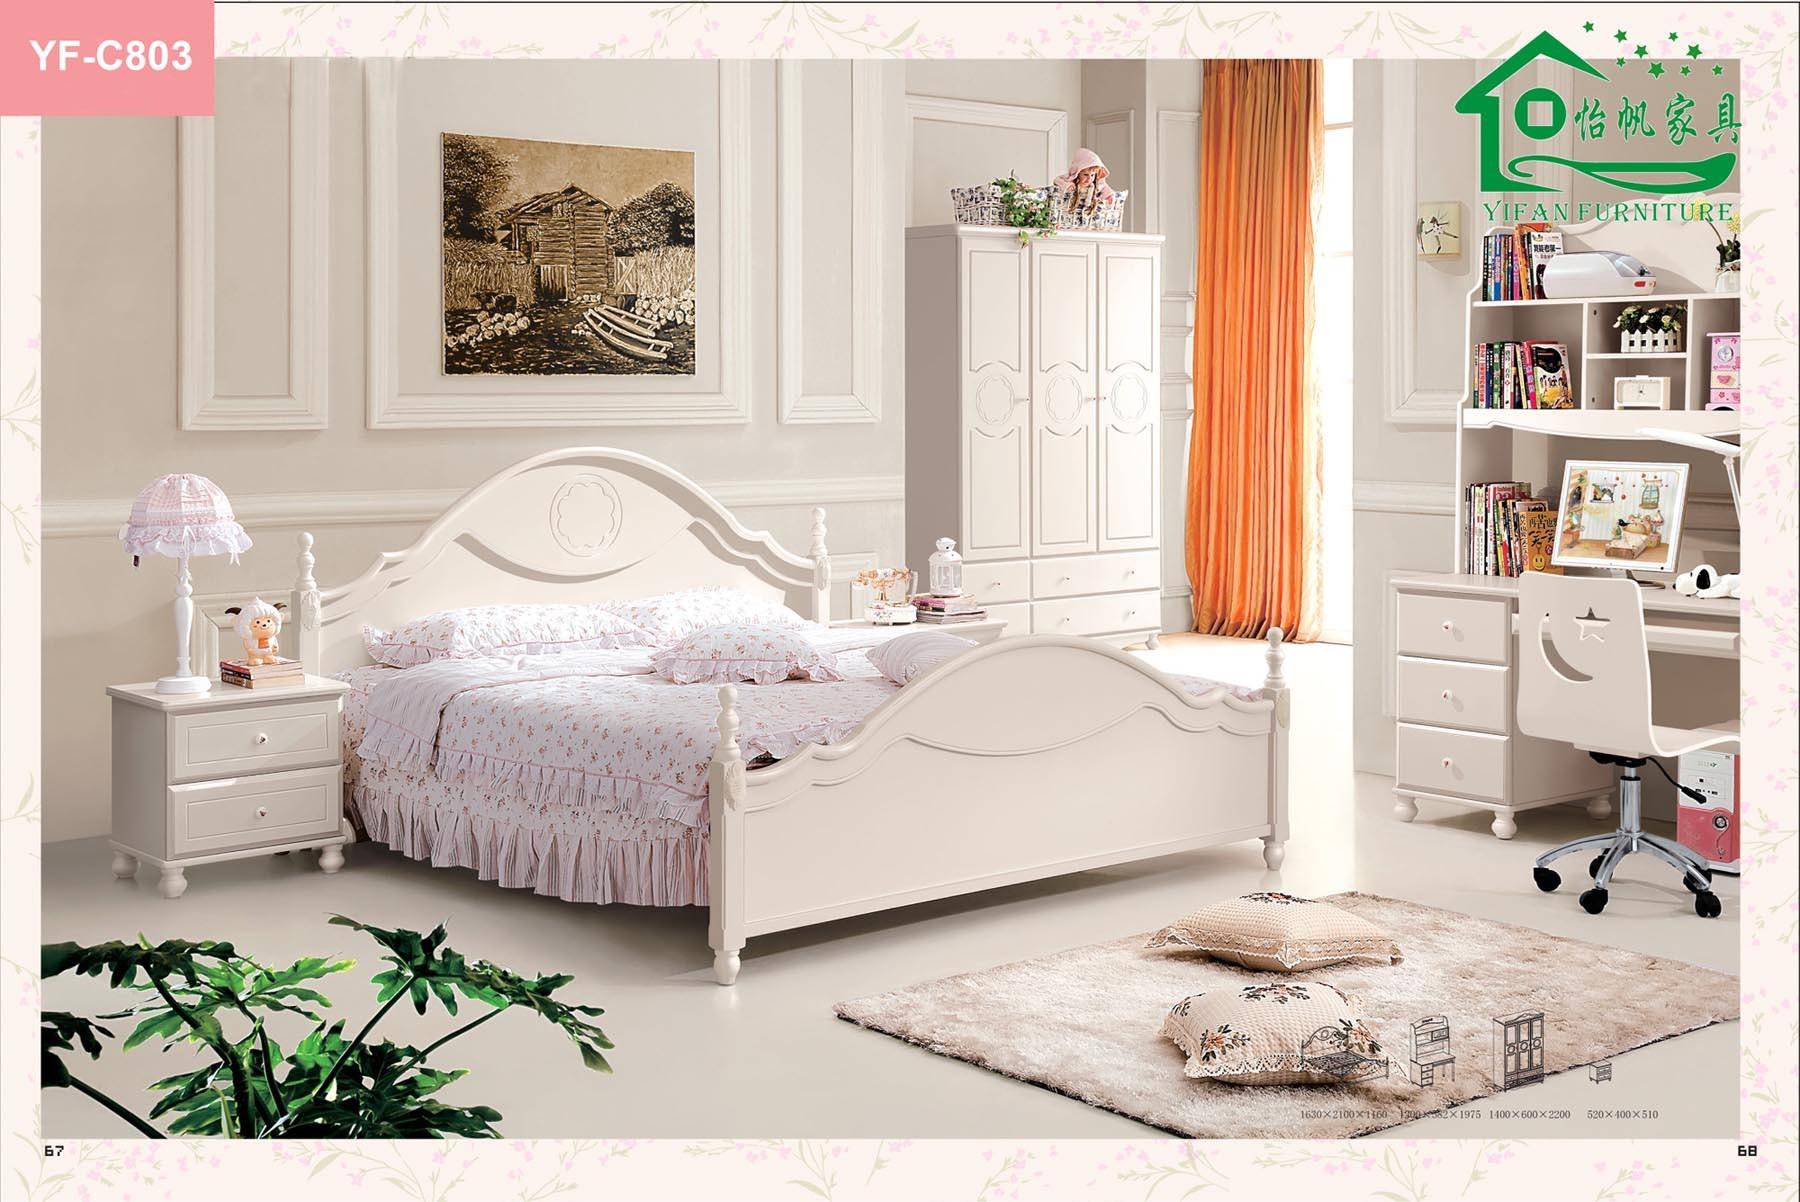 Meubles en bois de chambre coucher d 39 enfant meubles for Meuble chambres coucher